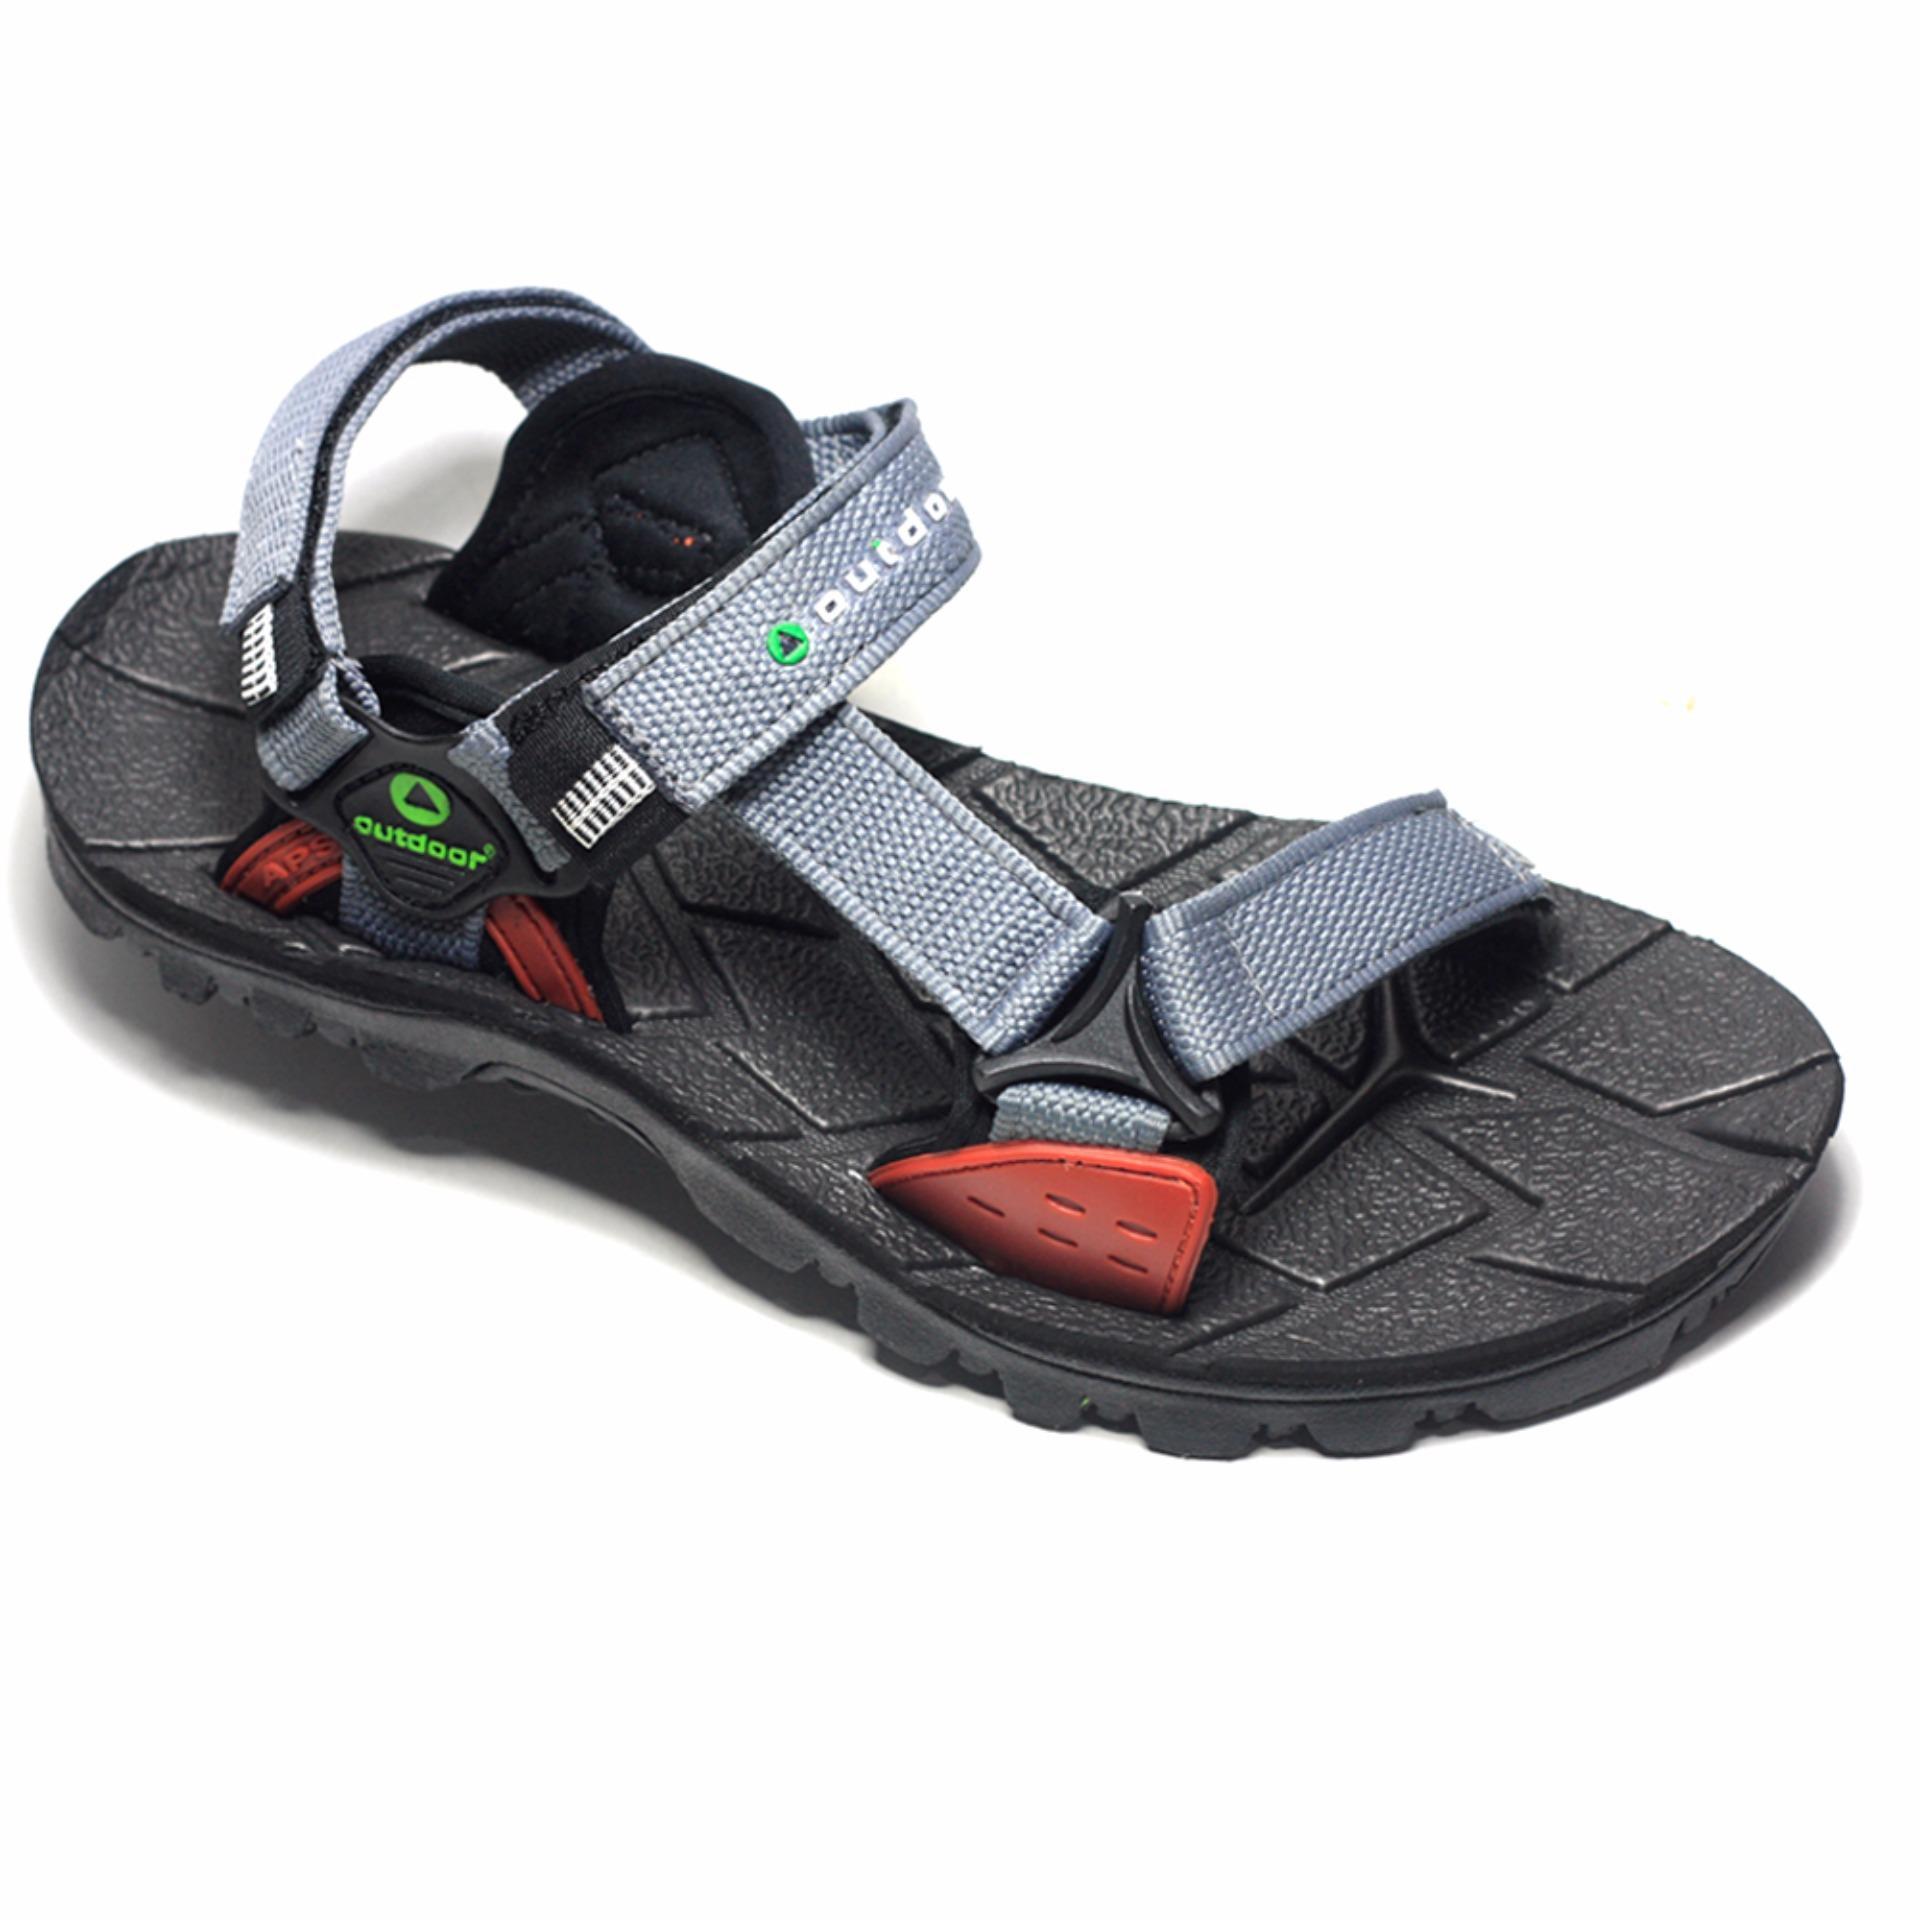 Model Outdoor Sandal Gunung Magma Grey Sandal Outdoor Pro Sandal Pria Terbaru